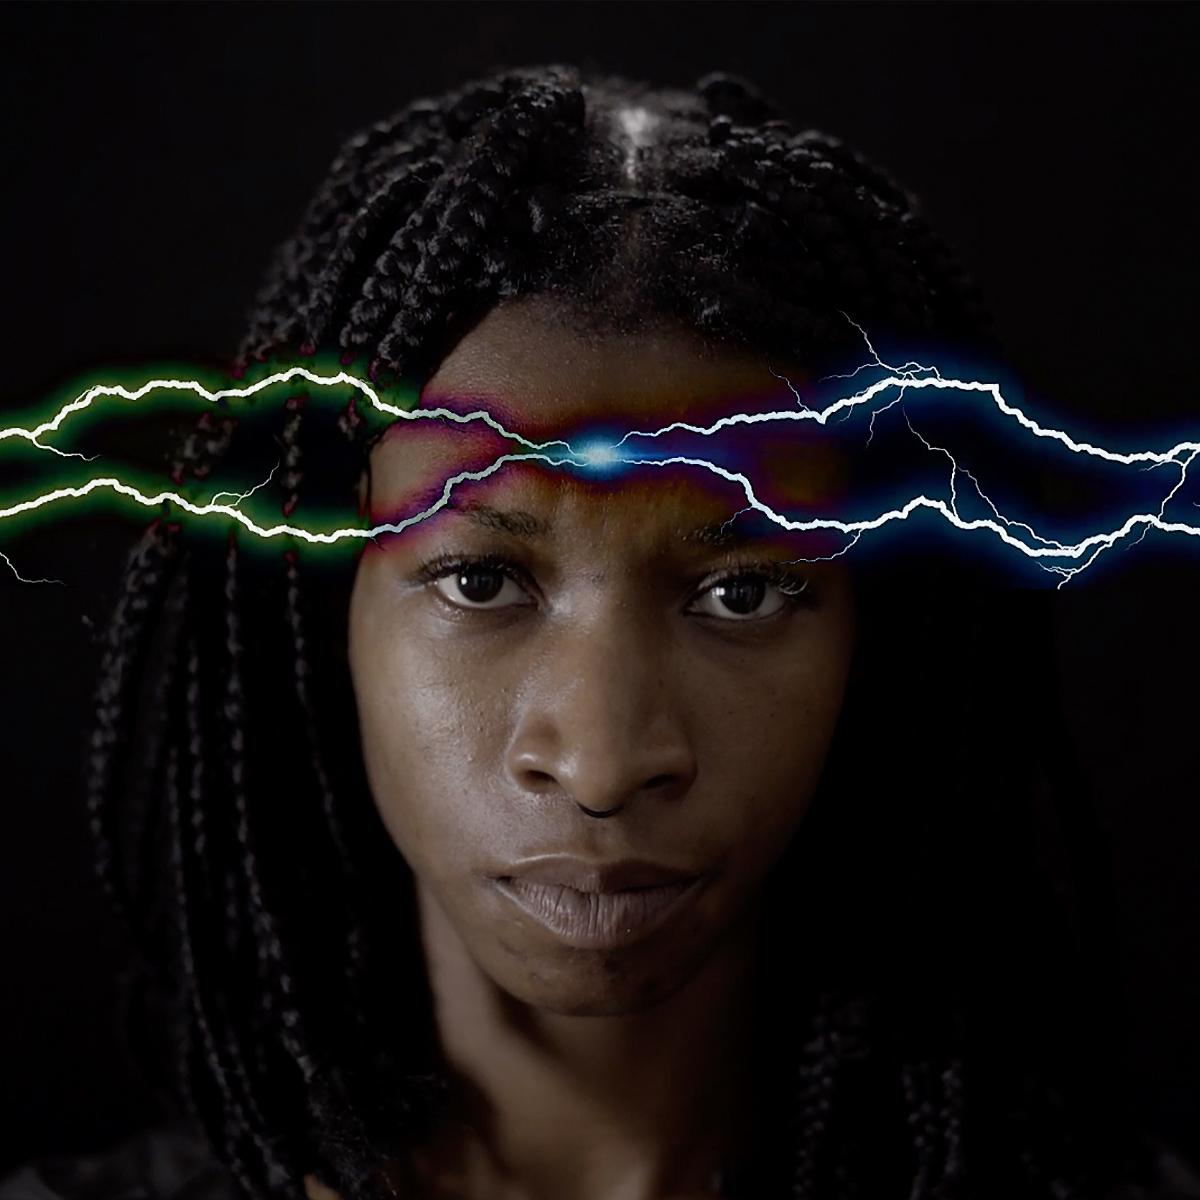 P. A. R. A. D. I. S. E., 2021, video still,  HD video, 27_25 min., color, with sound